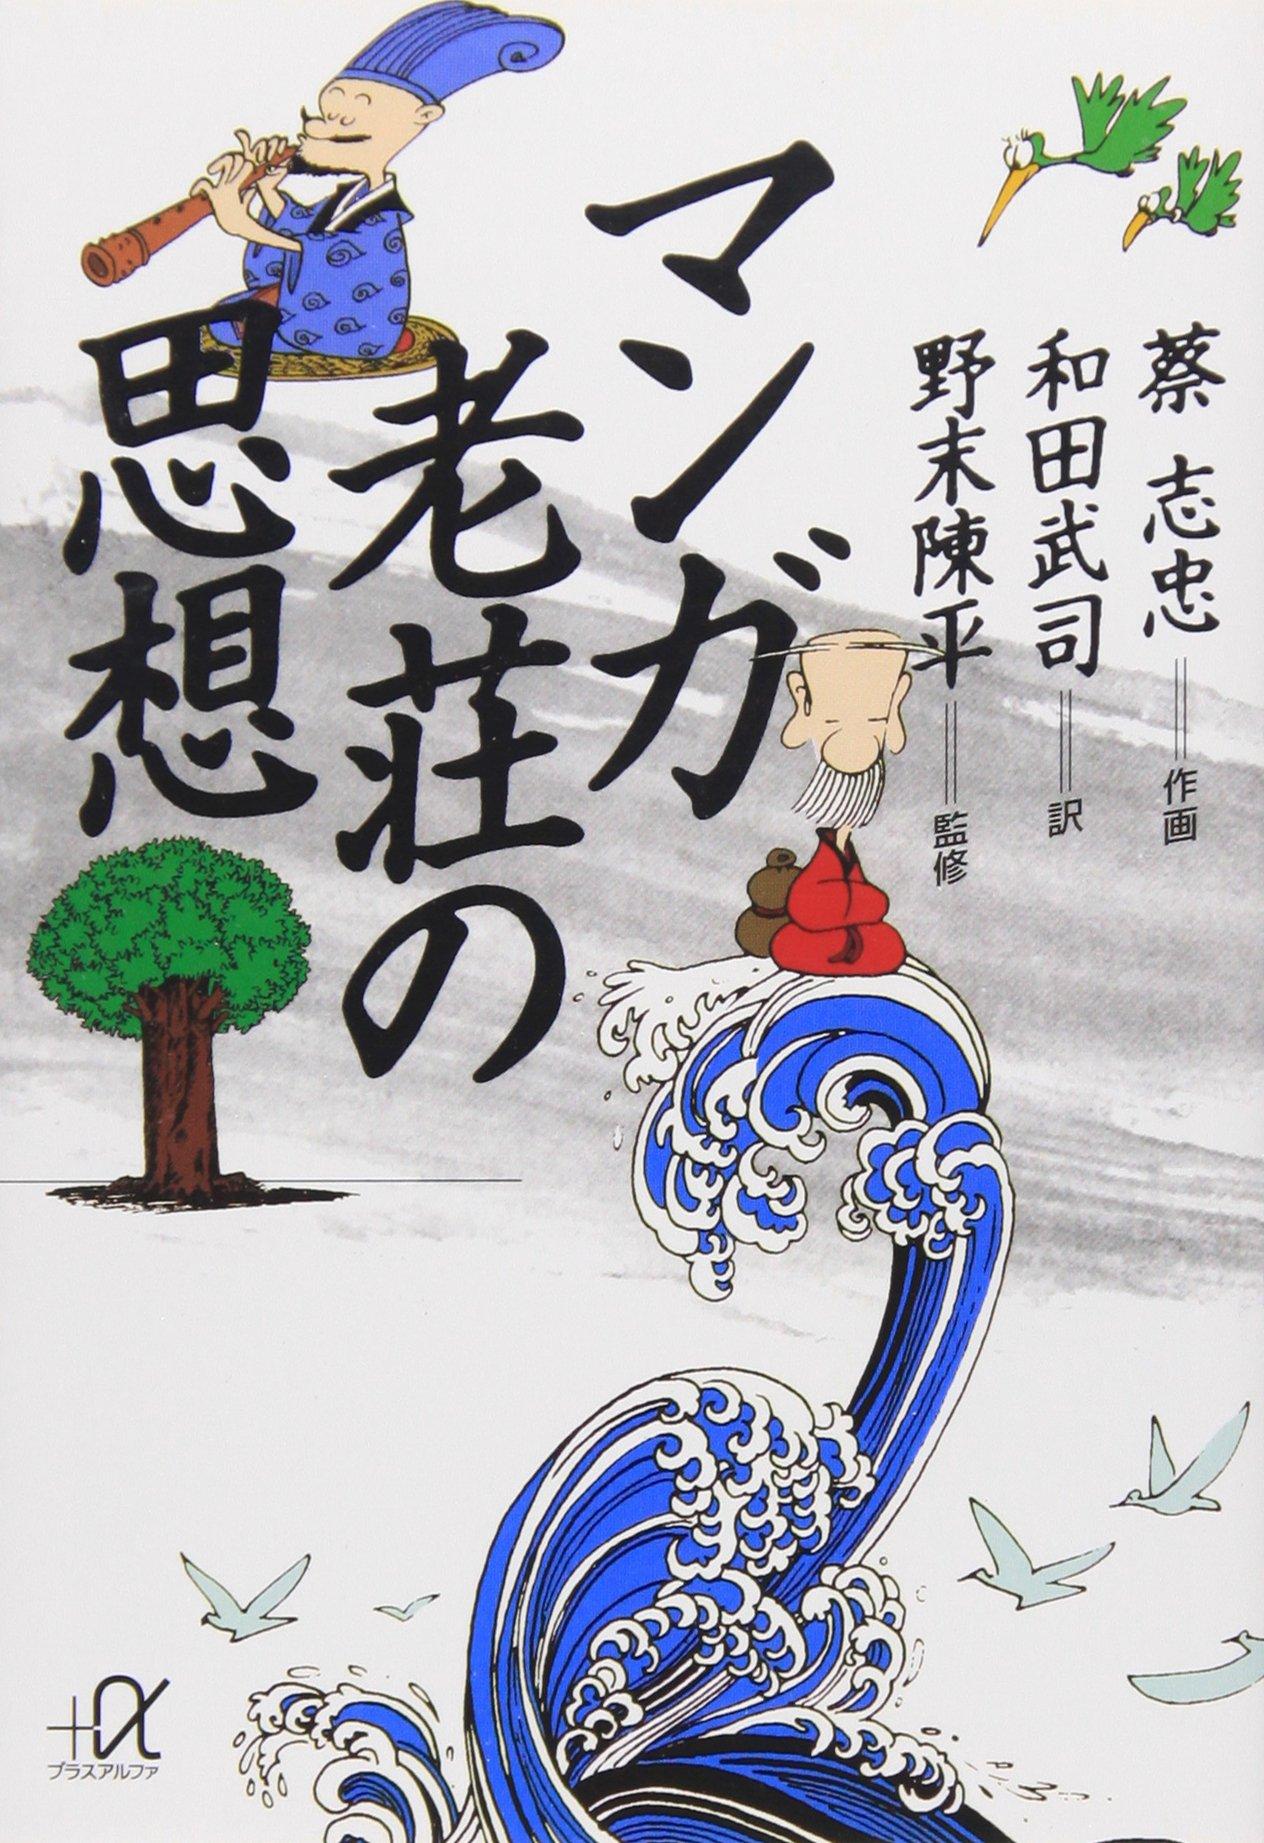 蔡志忠 マンガ 老荘の思想